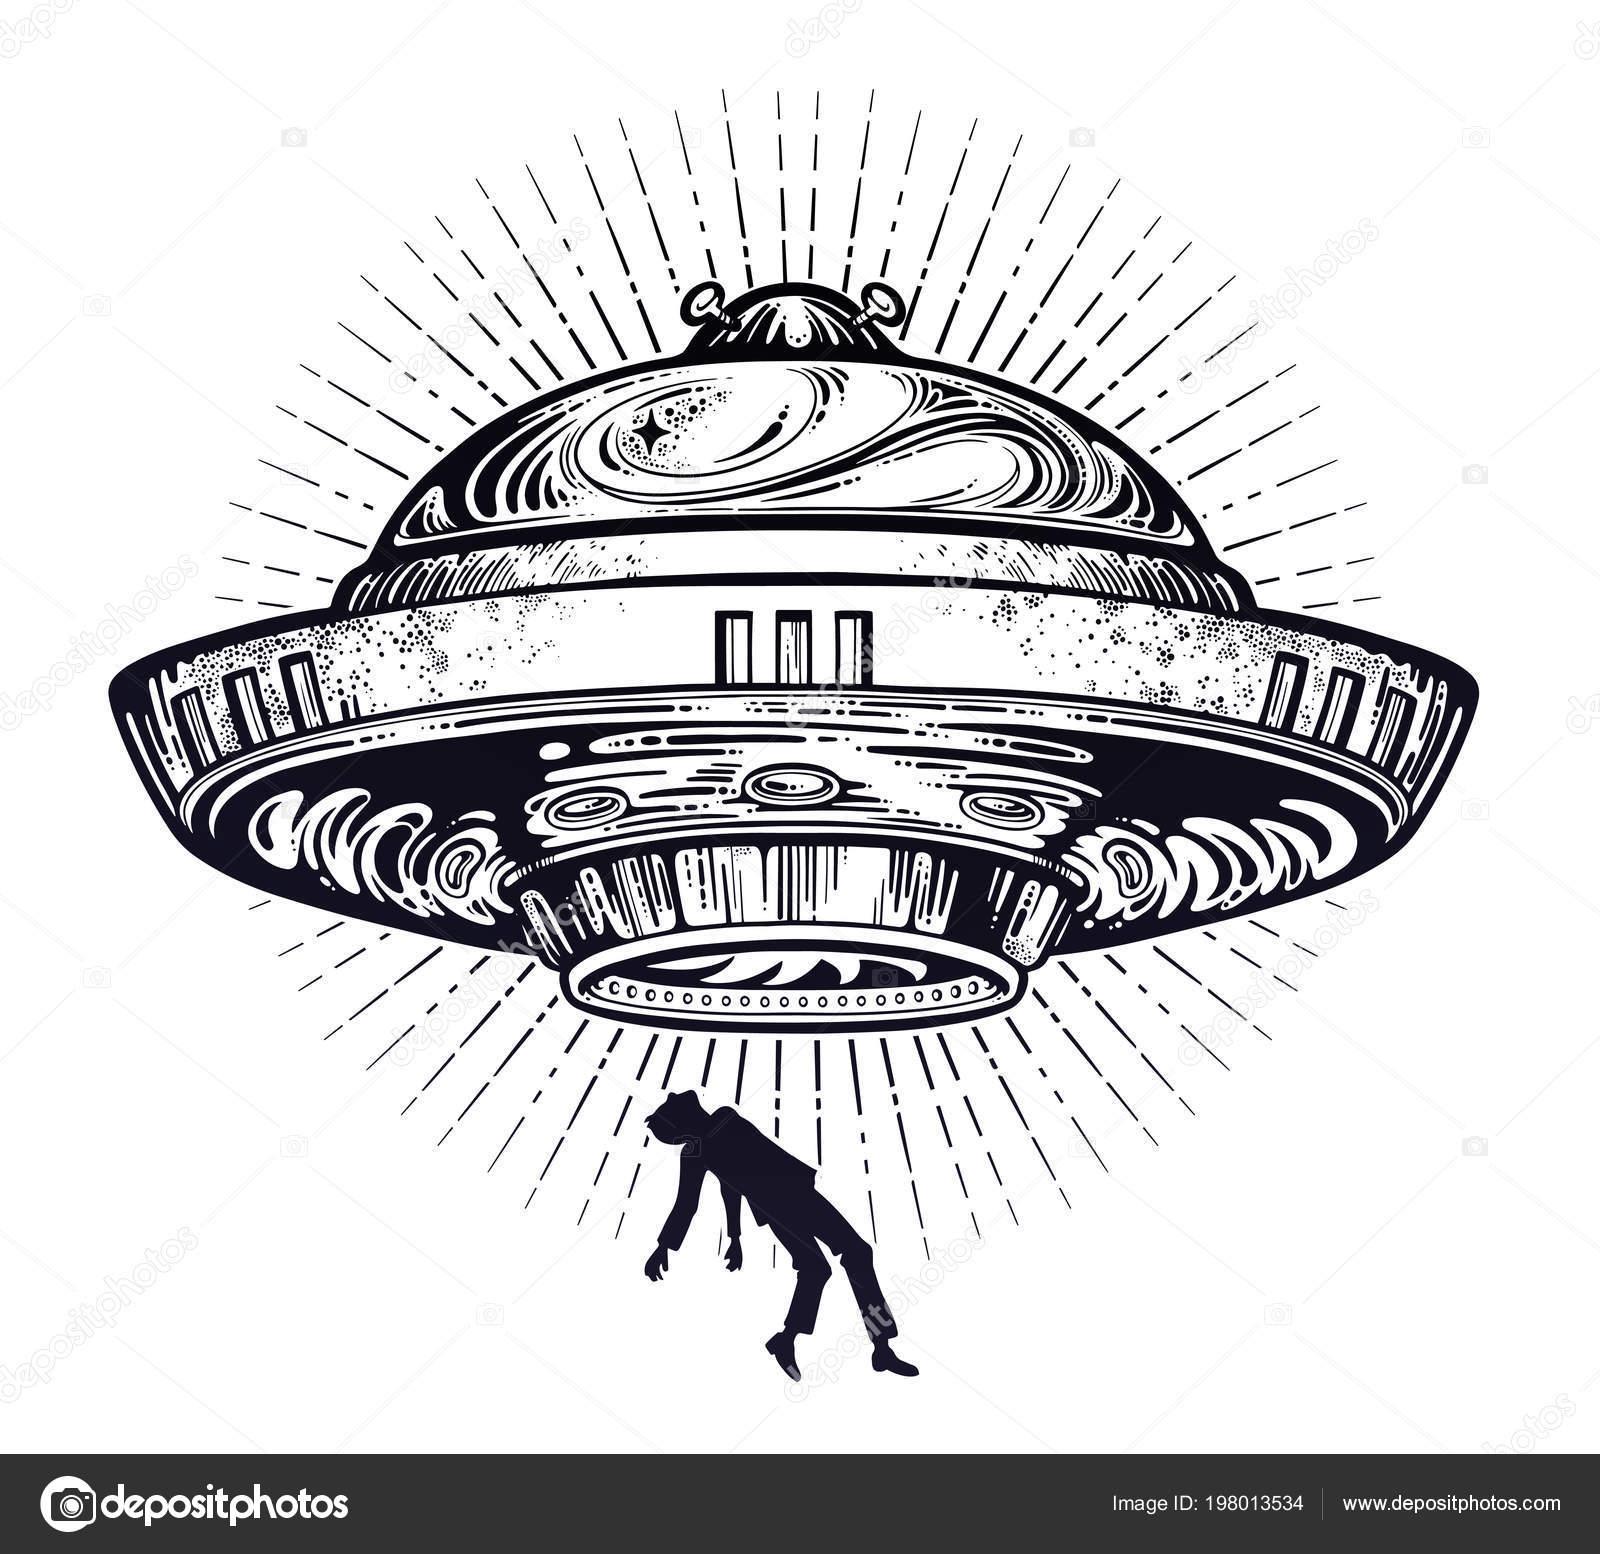 Nave Alienigena Fantastica Abducao Ufo De Um Ser Humano